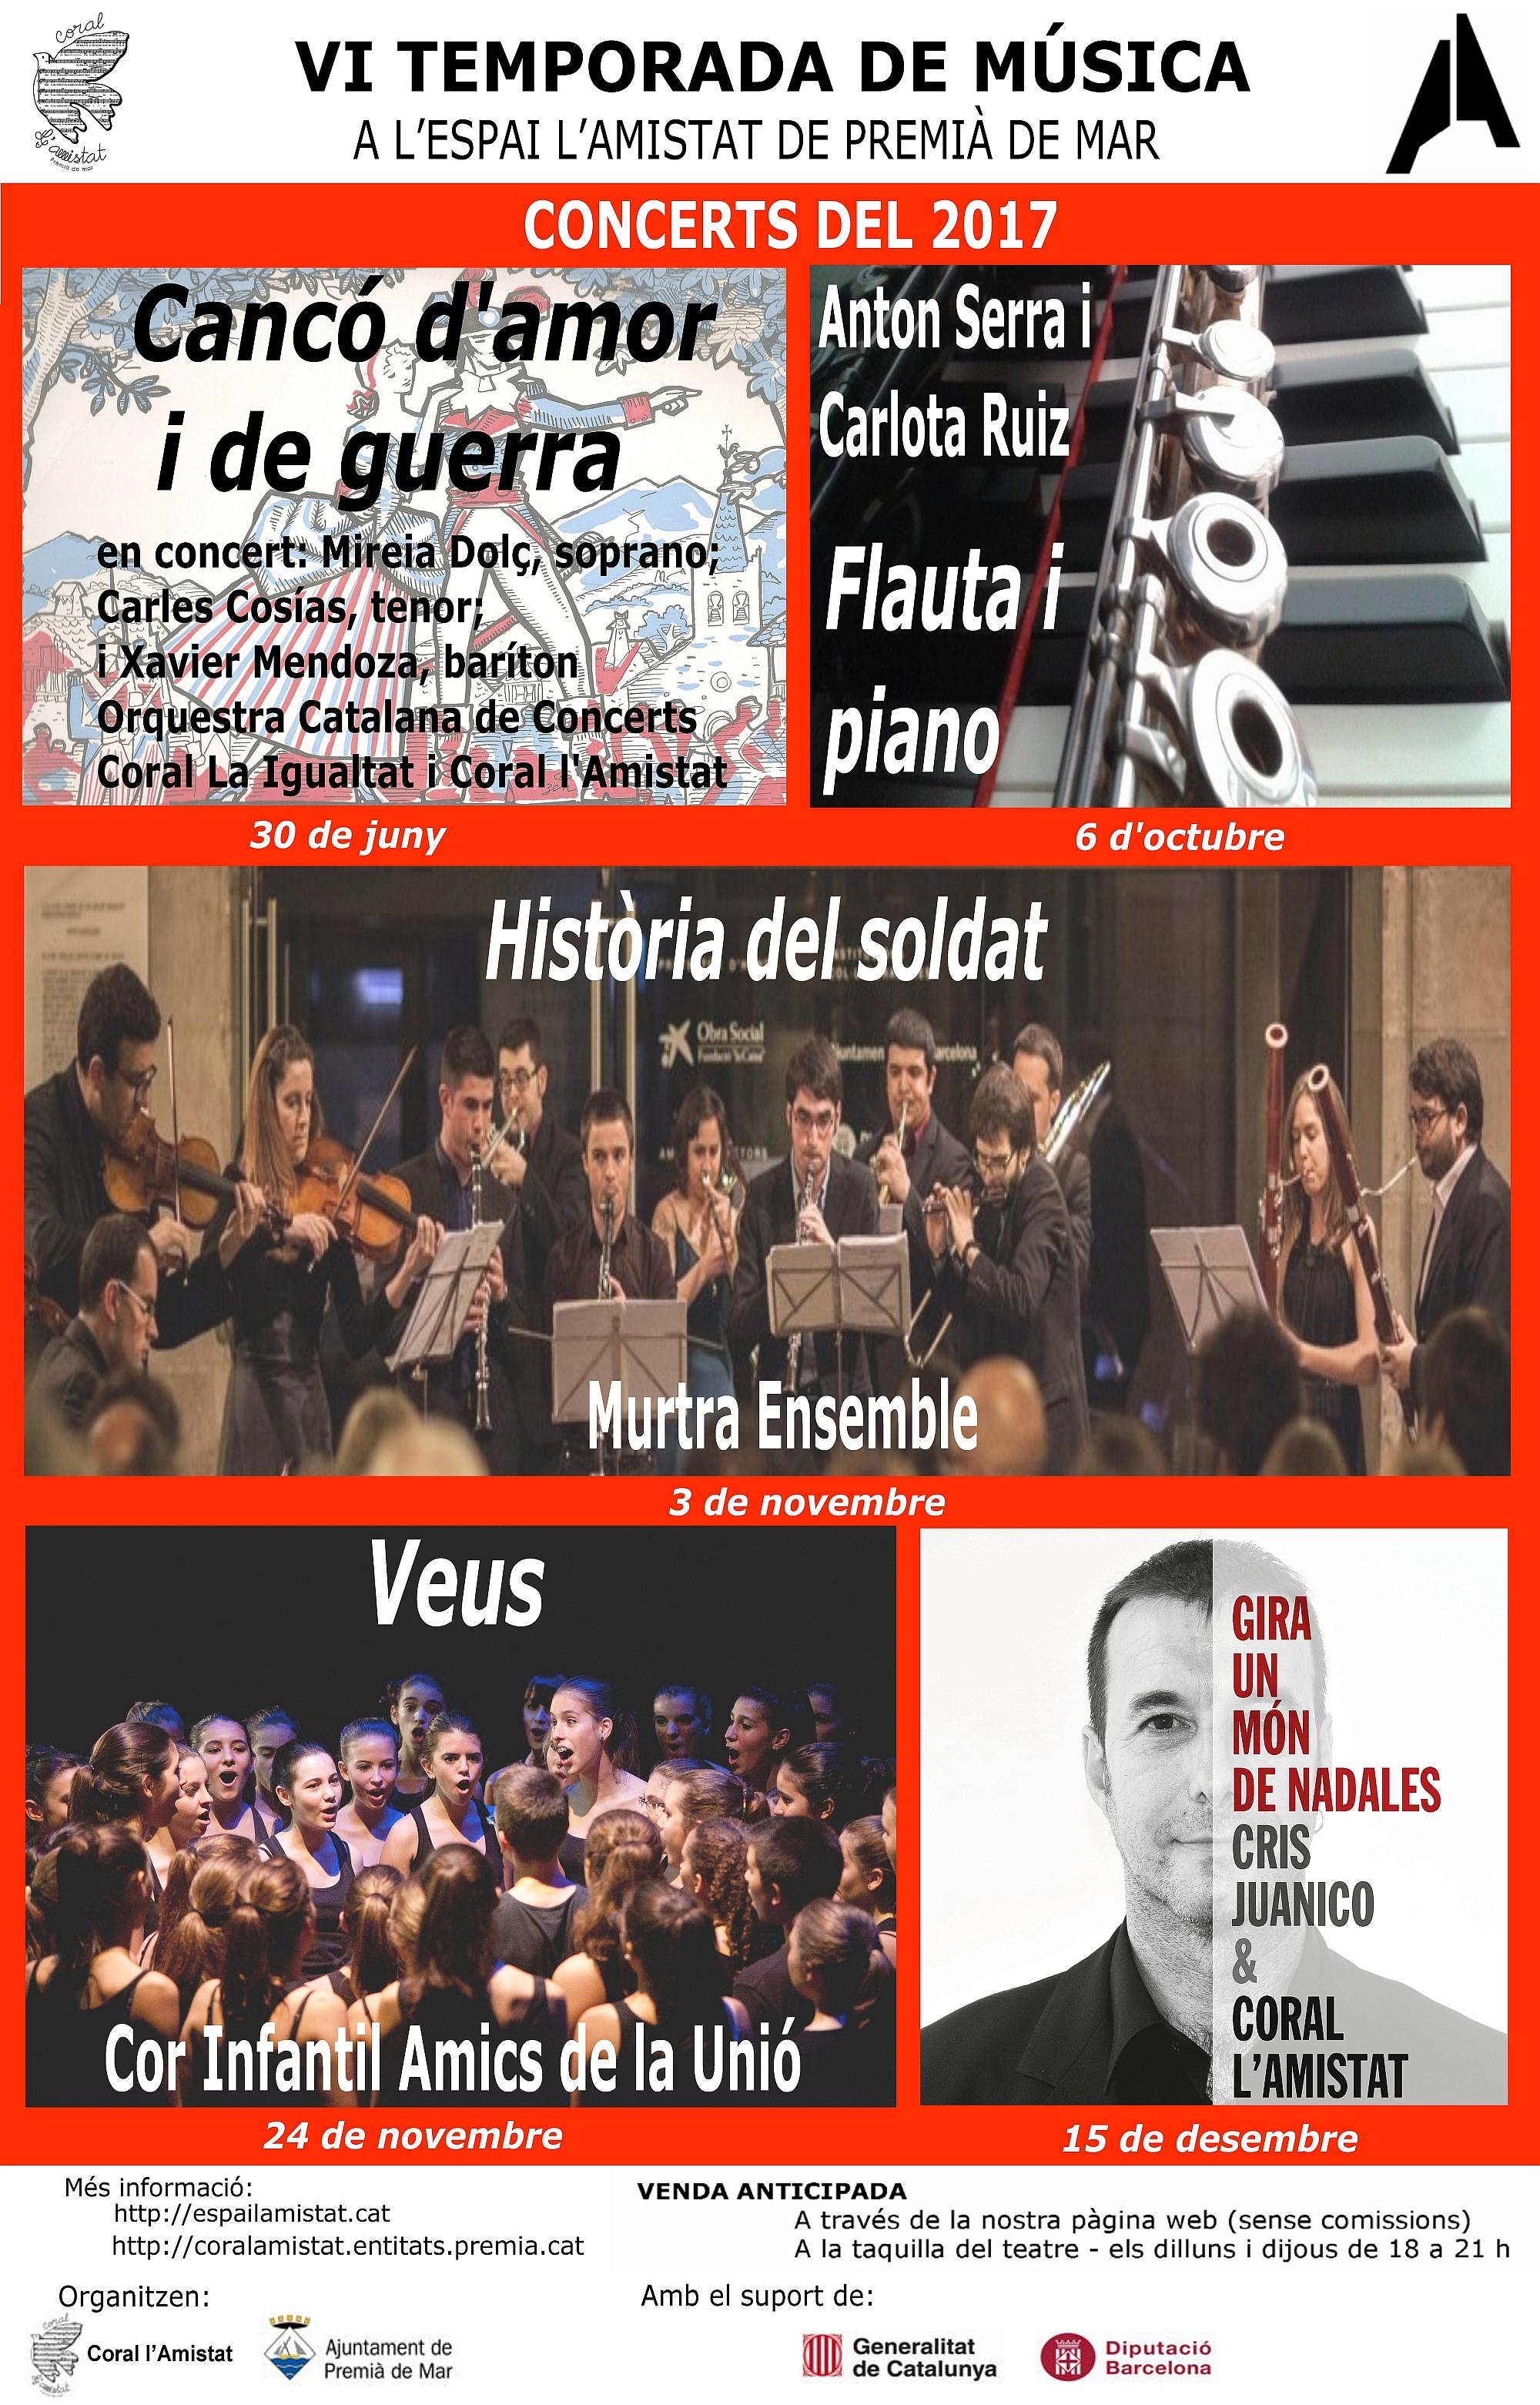 VI Temporada de Música a l'Espai l'Amistat